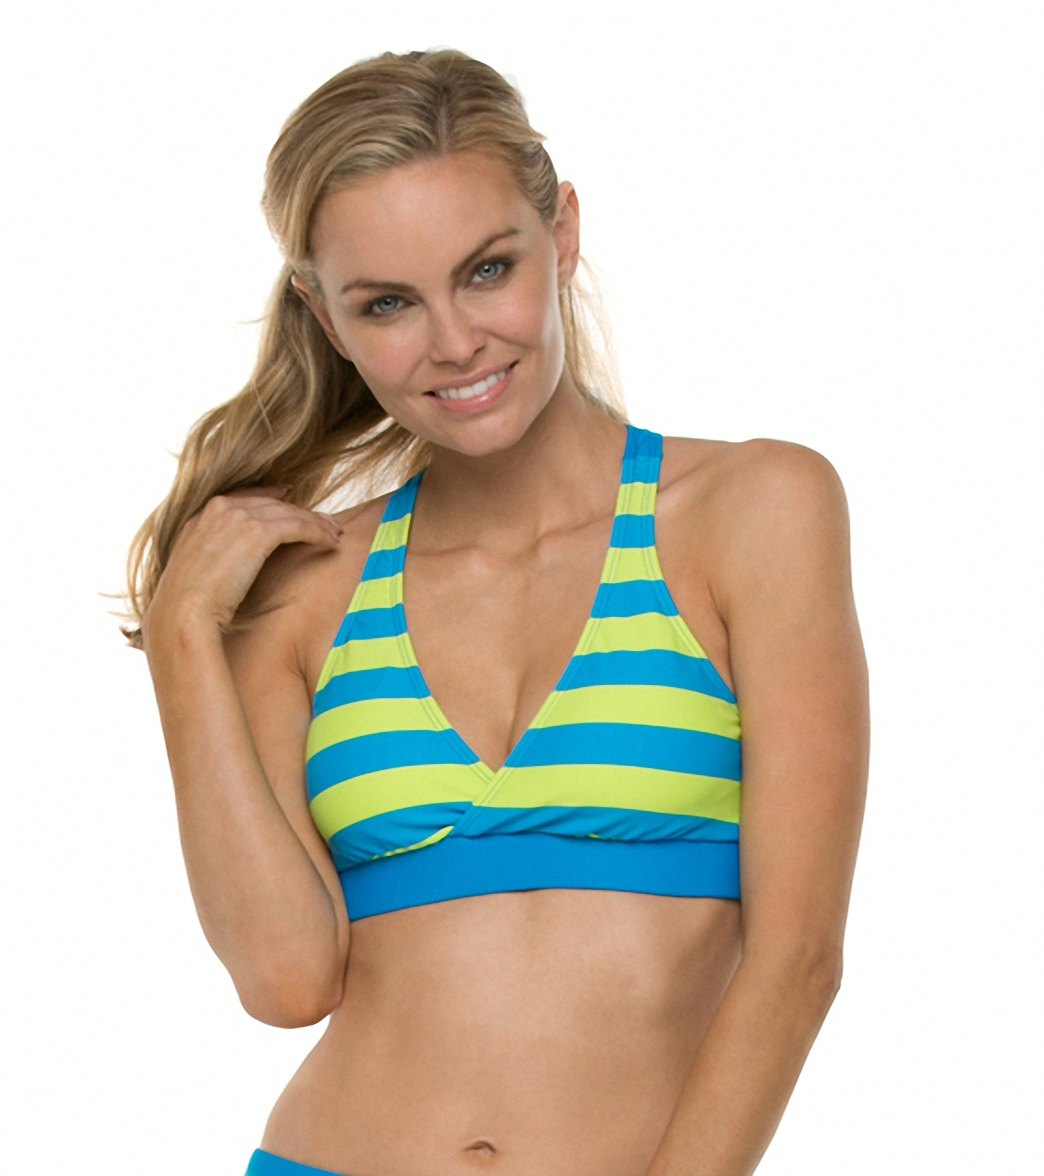 558128b452a58 Next Lined Up 29 Min. B C Cup Sports Bra Bikini Top at SwimOutlet ...